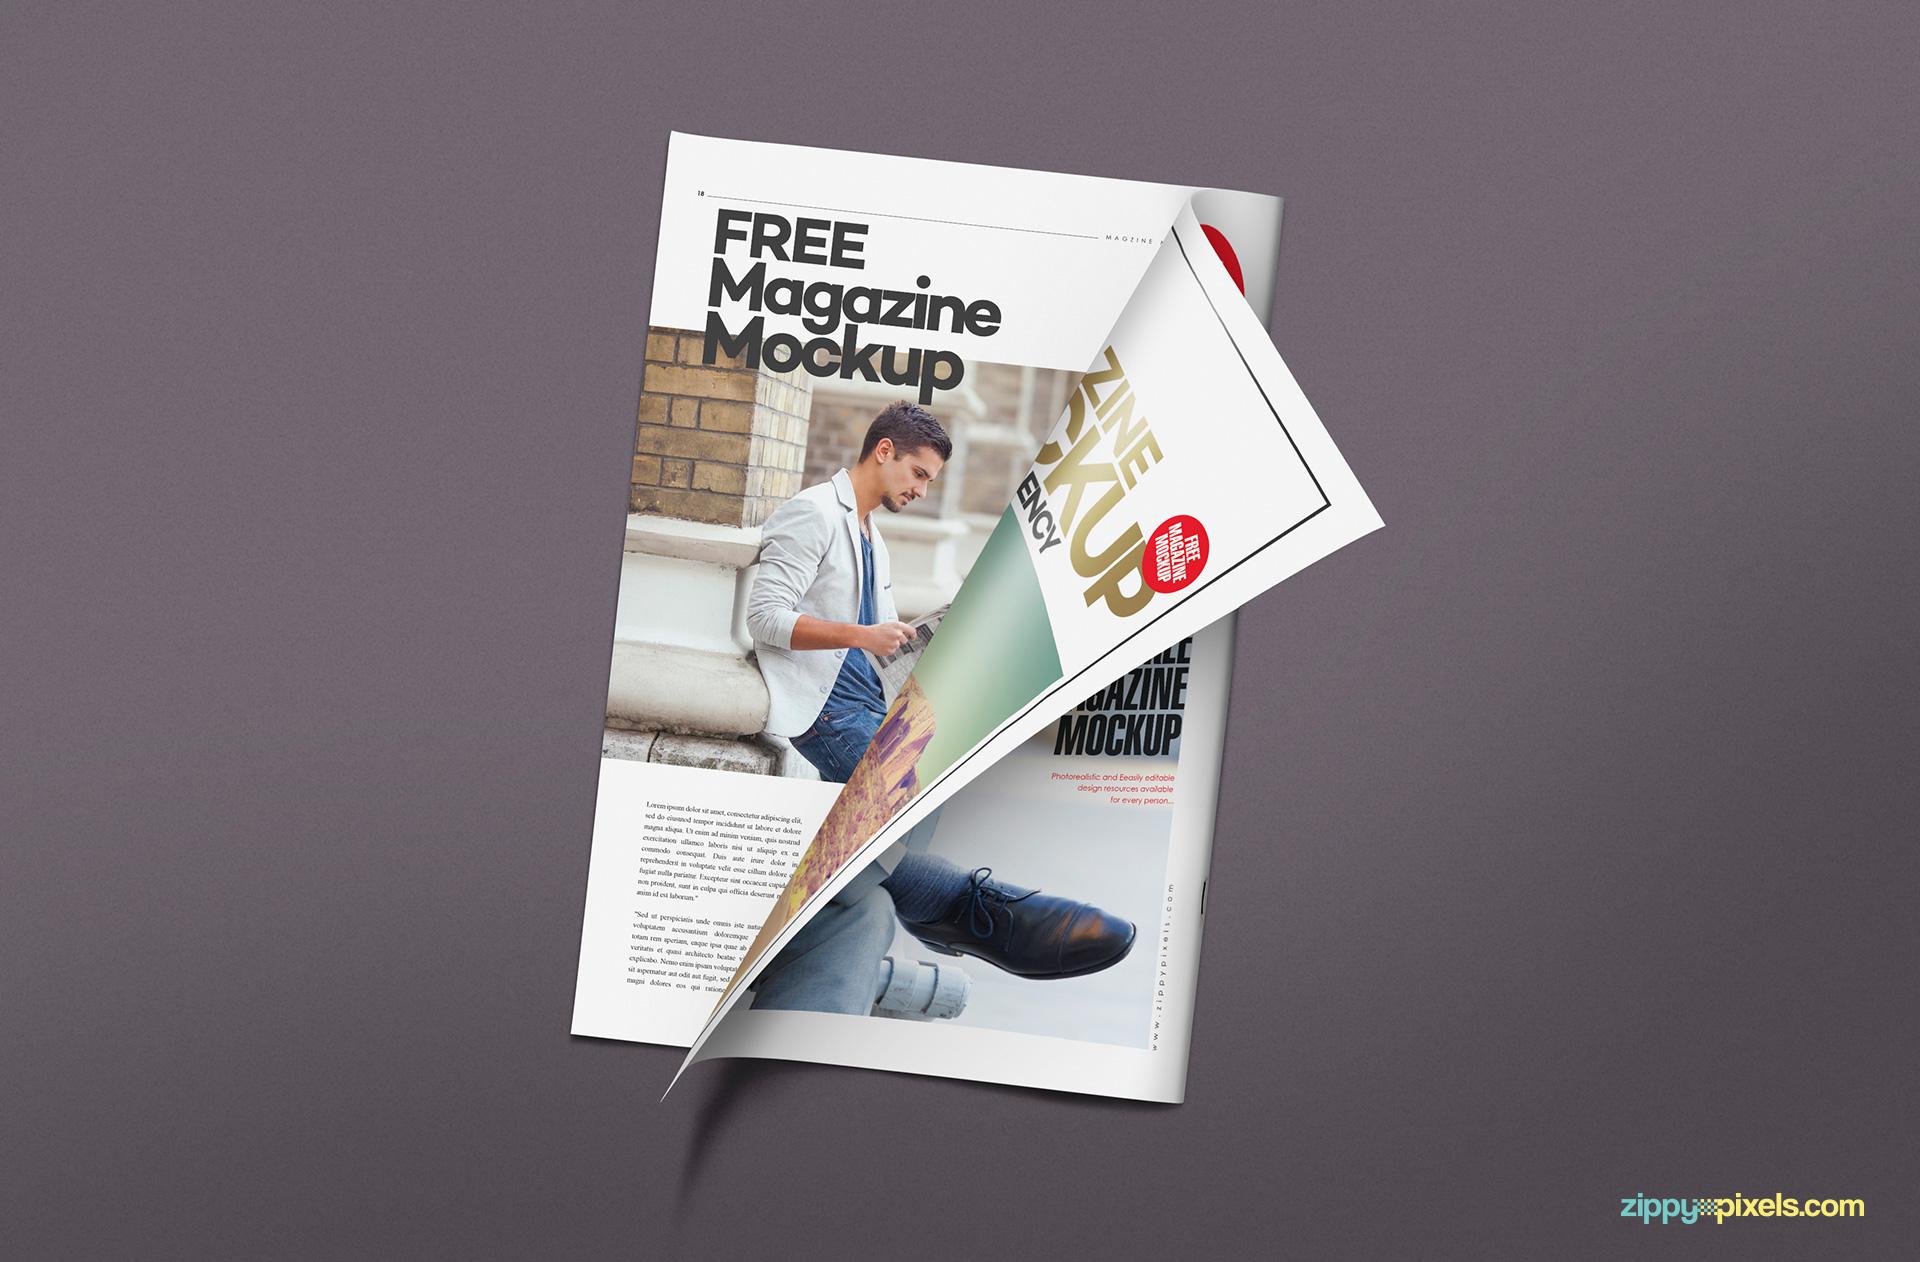 Amazingly designed magazine mockup PSD free.